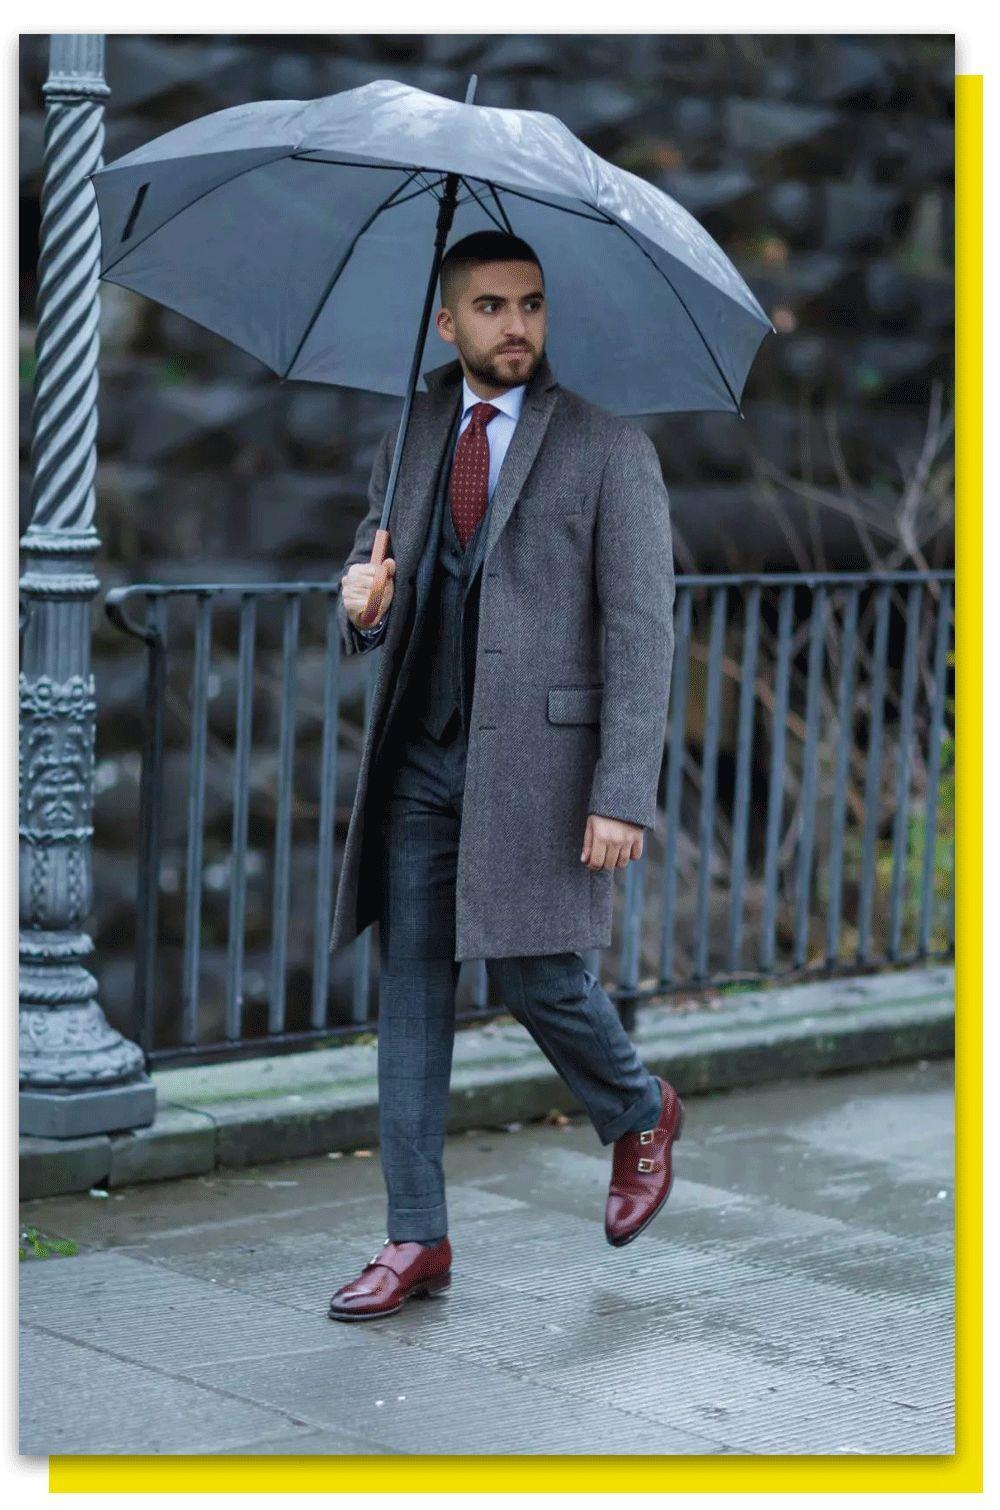 发型被毁,伞被吹飞,湿到崩溃:雨天穿啥才能捍卫男人尊严?丨基本款